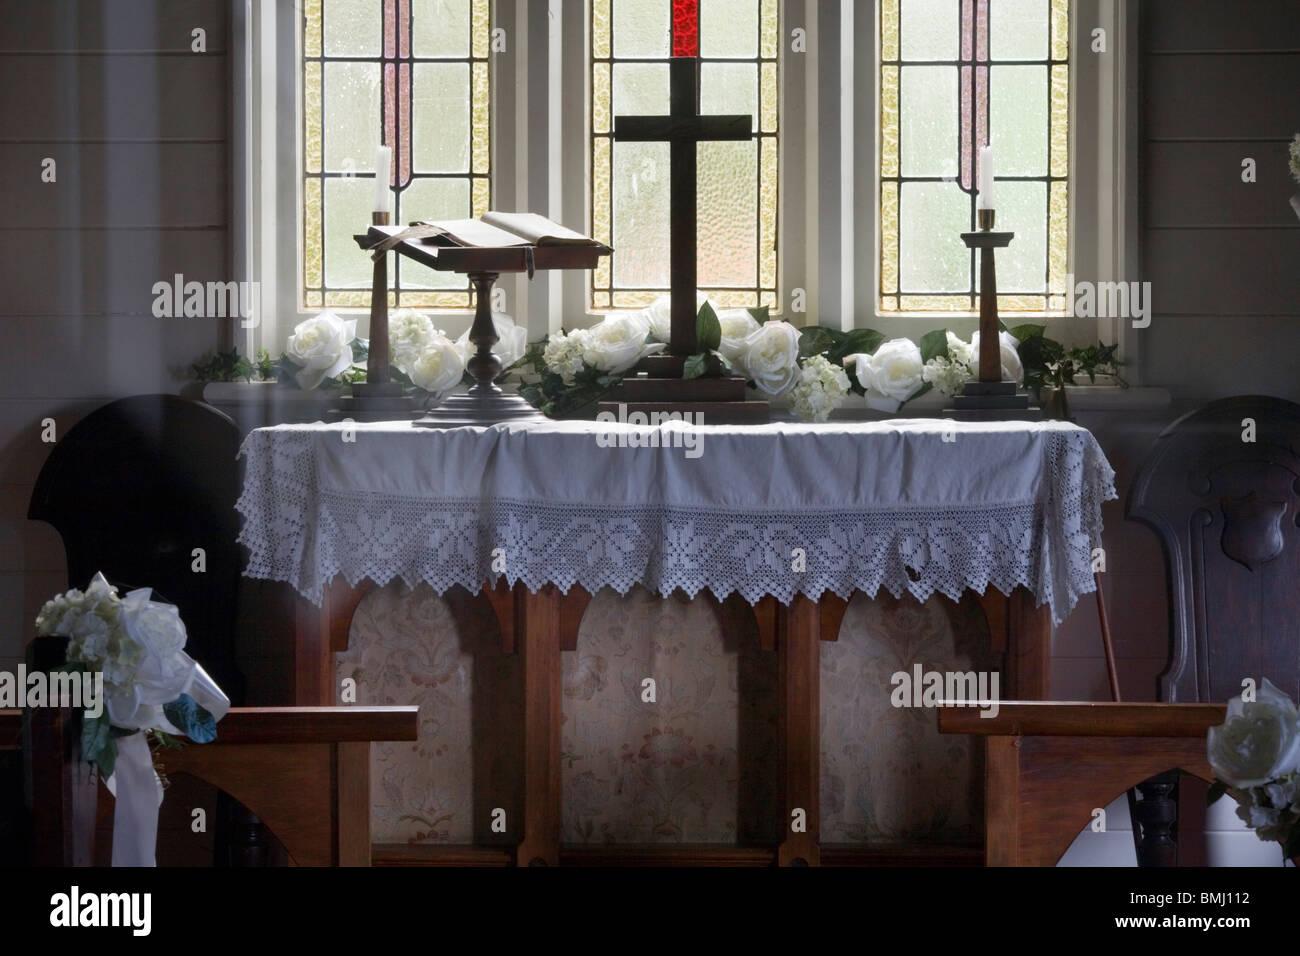 Matrimonio In Nuova Zelanda : Altare in un classico stile vecchia cappella per matrimoni